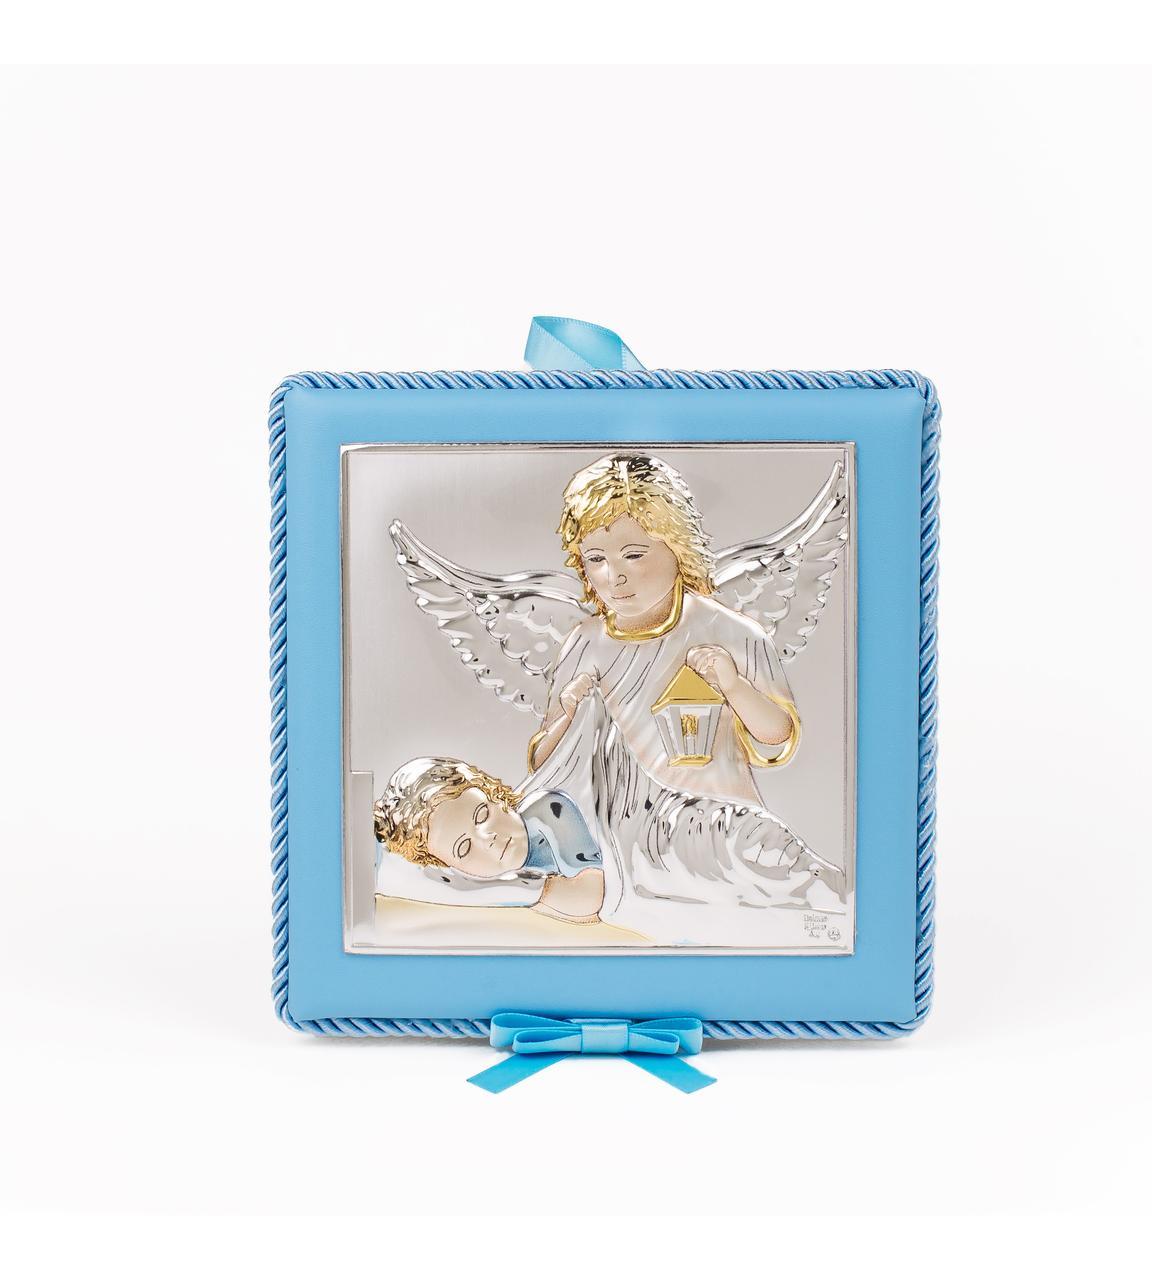 Срібна дитяча іконка Ангел Хранитель 14х14 см на синій подушечці з музикою покритий емаллю